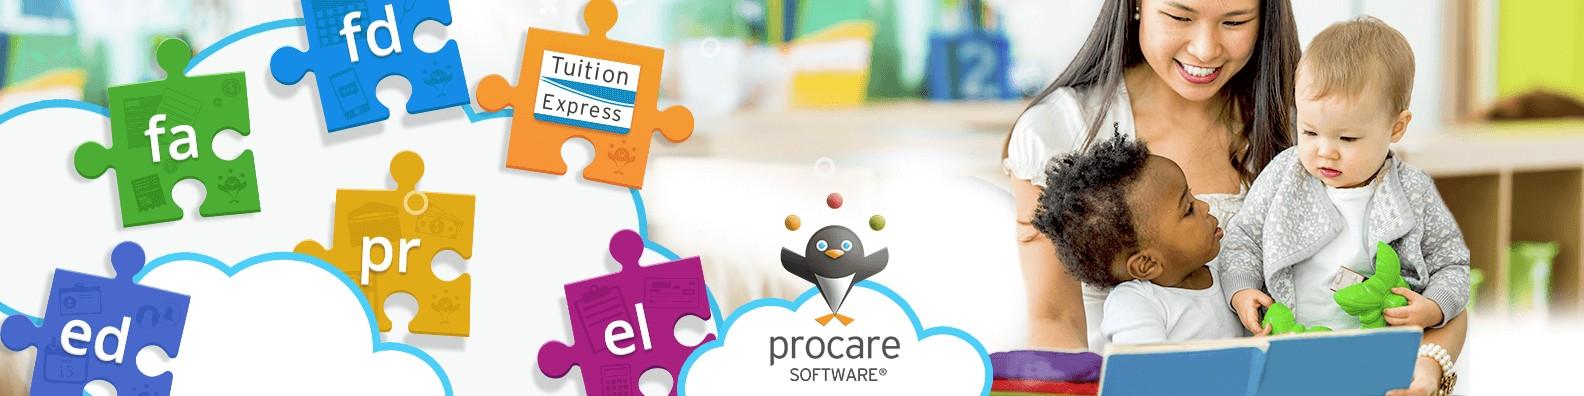 Procare Software   LinkedIn